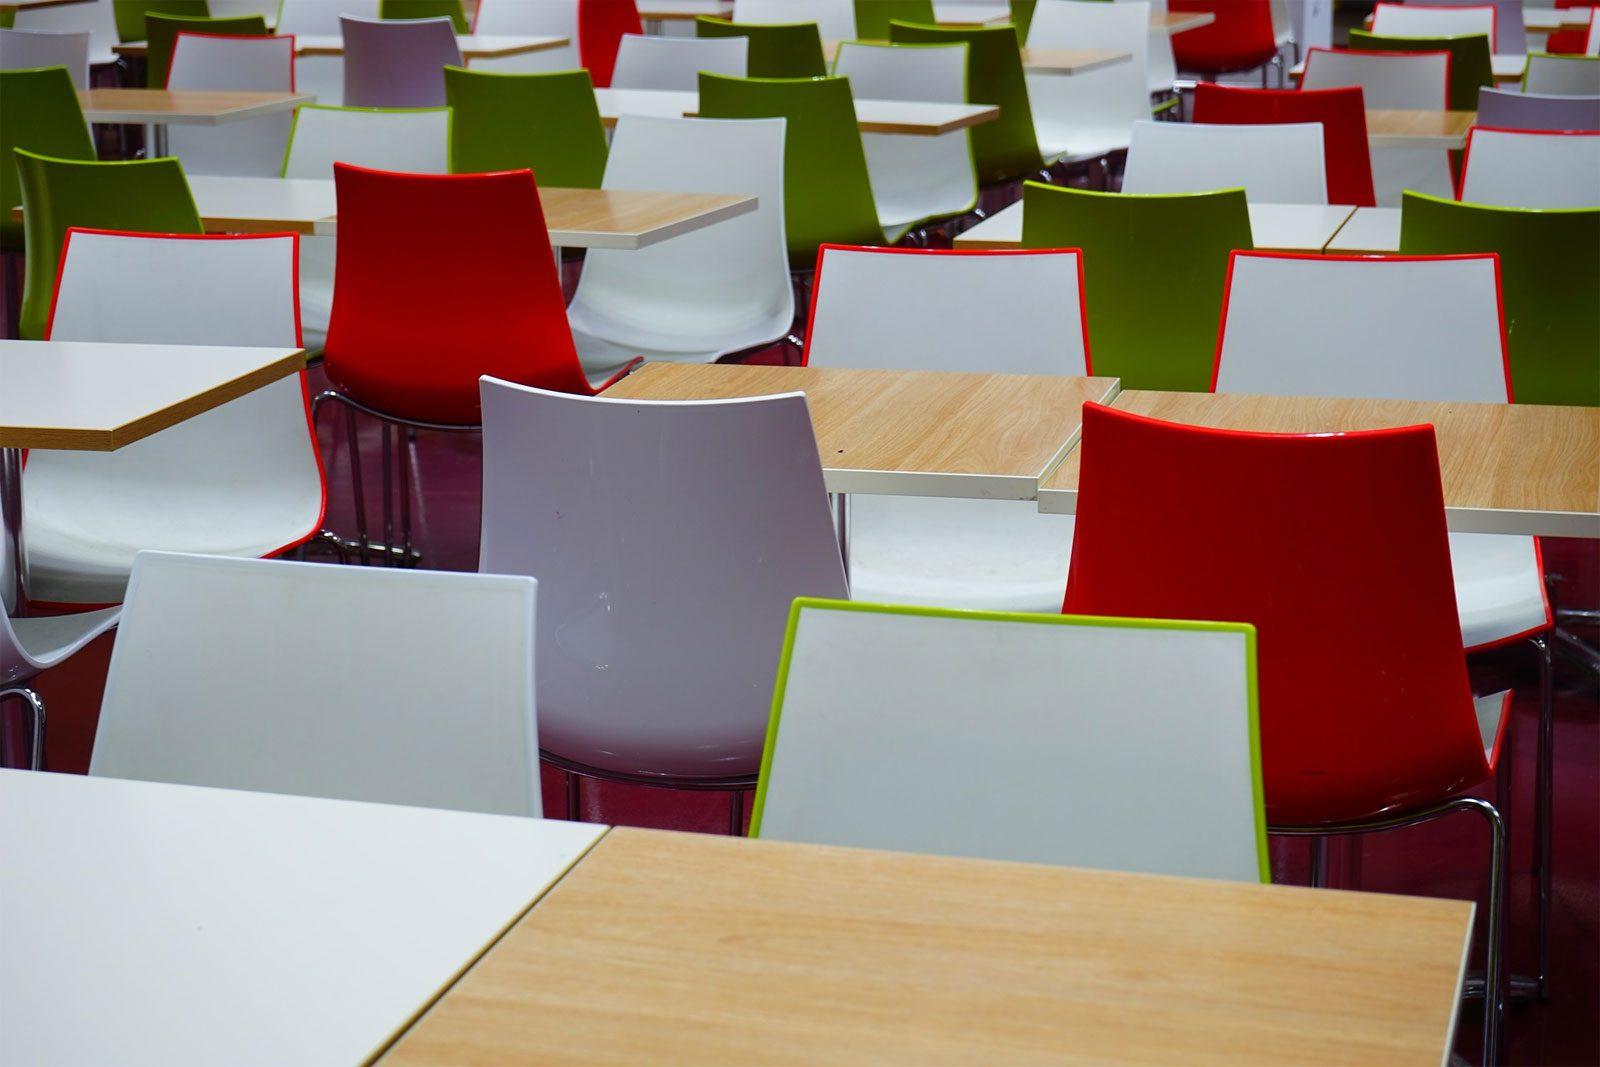 Photo of Grève dans les écoles à Metz : fermetures, cantine, périscolaire… des perturbations